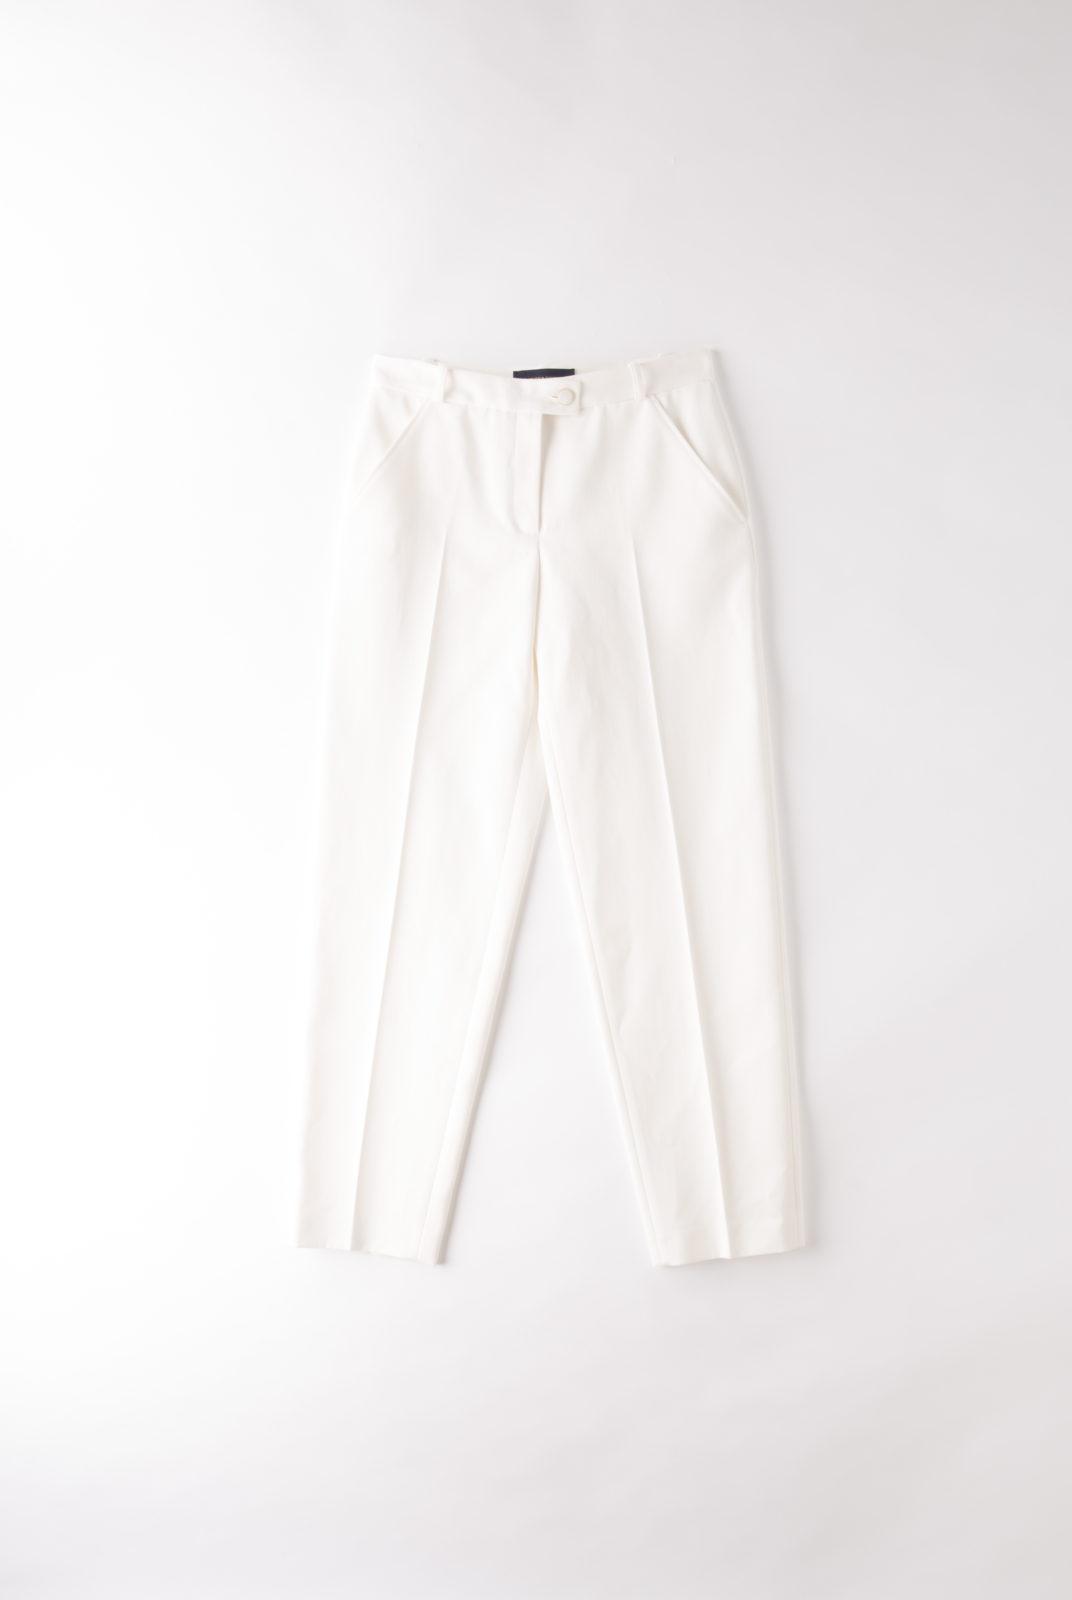 Pantalon Freddie blanc cassé, costume, masculin-féminin, élégant, intemporel